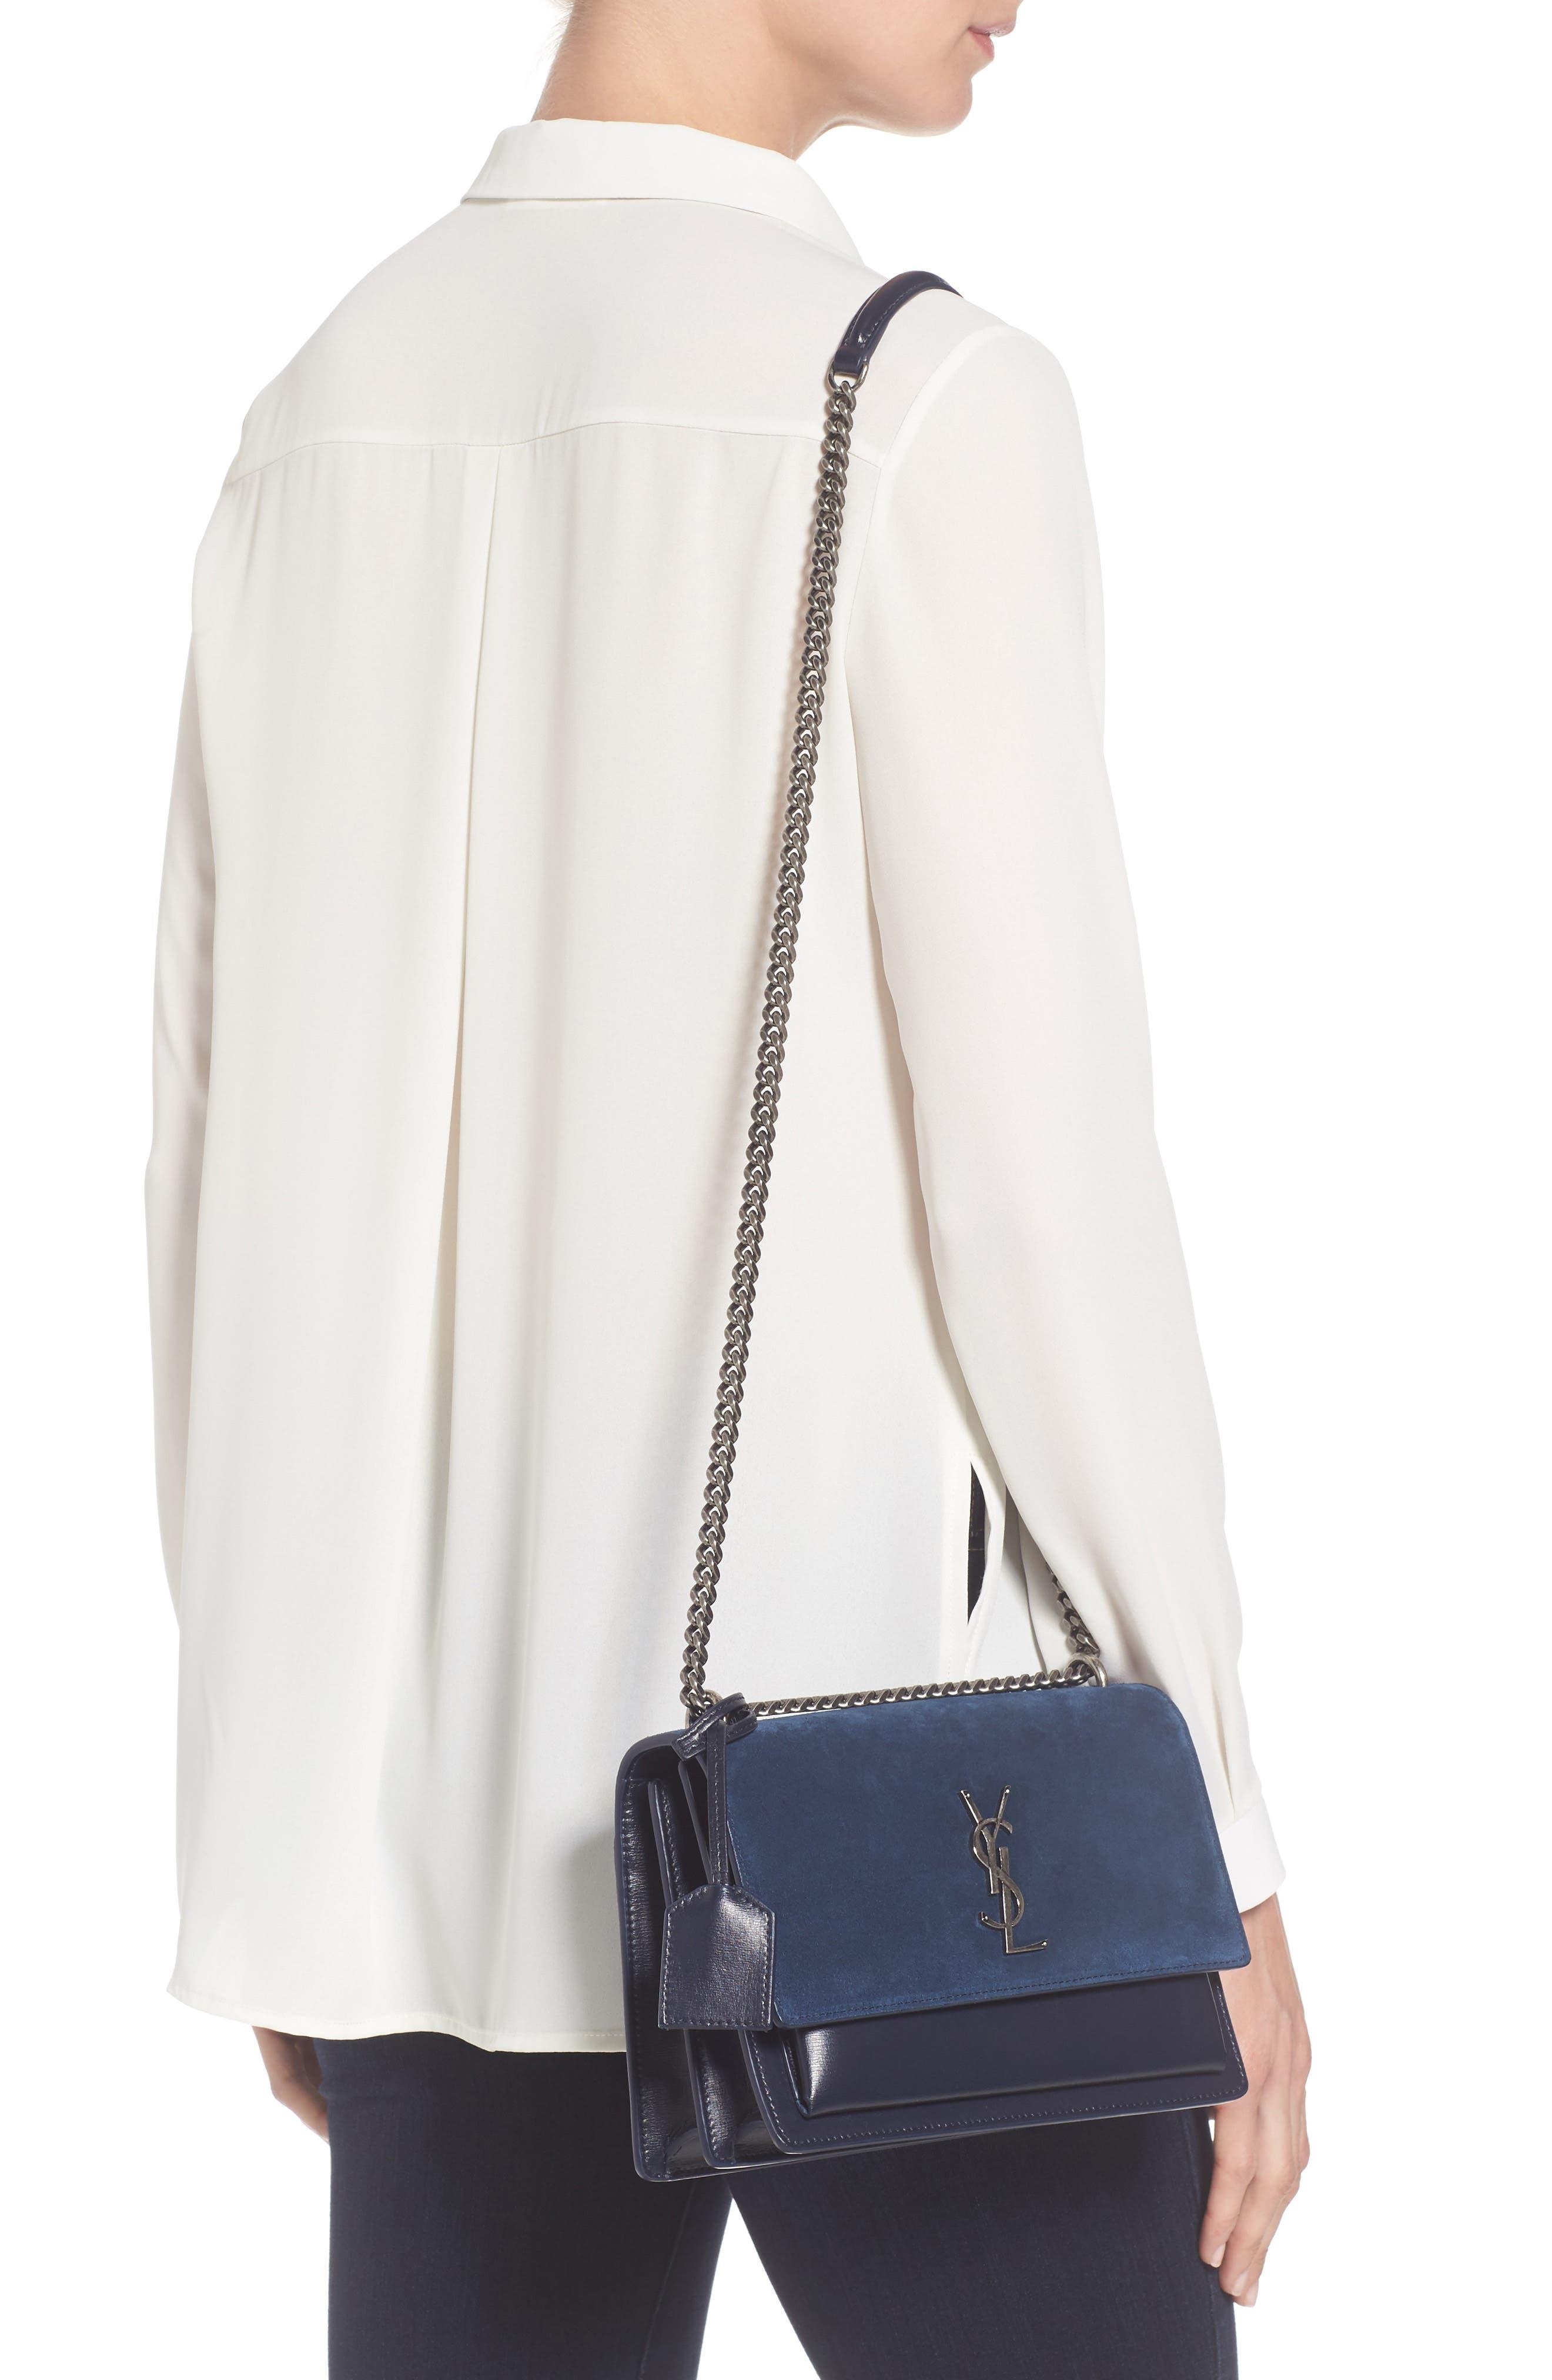 Alternate Image 2  - Saint Laurent Medium Sunset Leather & Suede Shoulder Bag